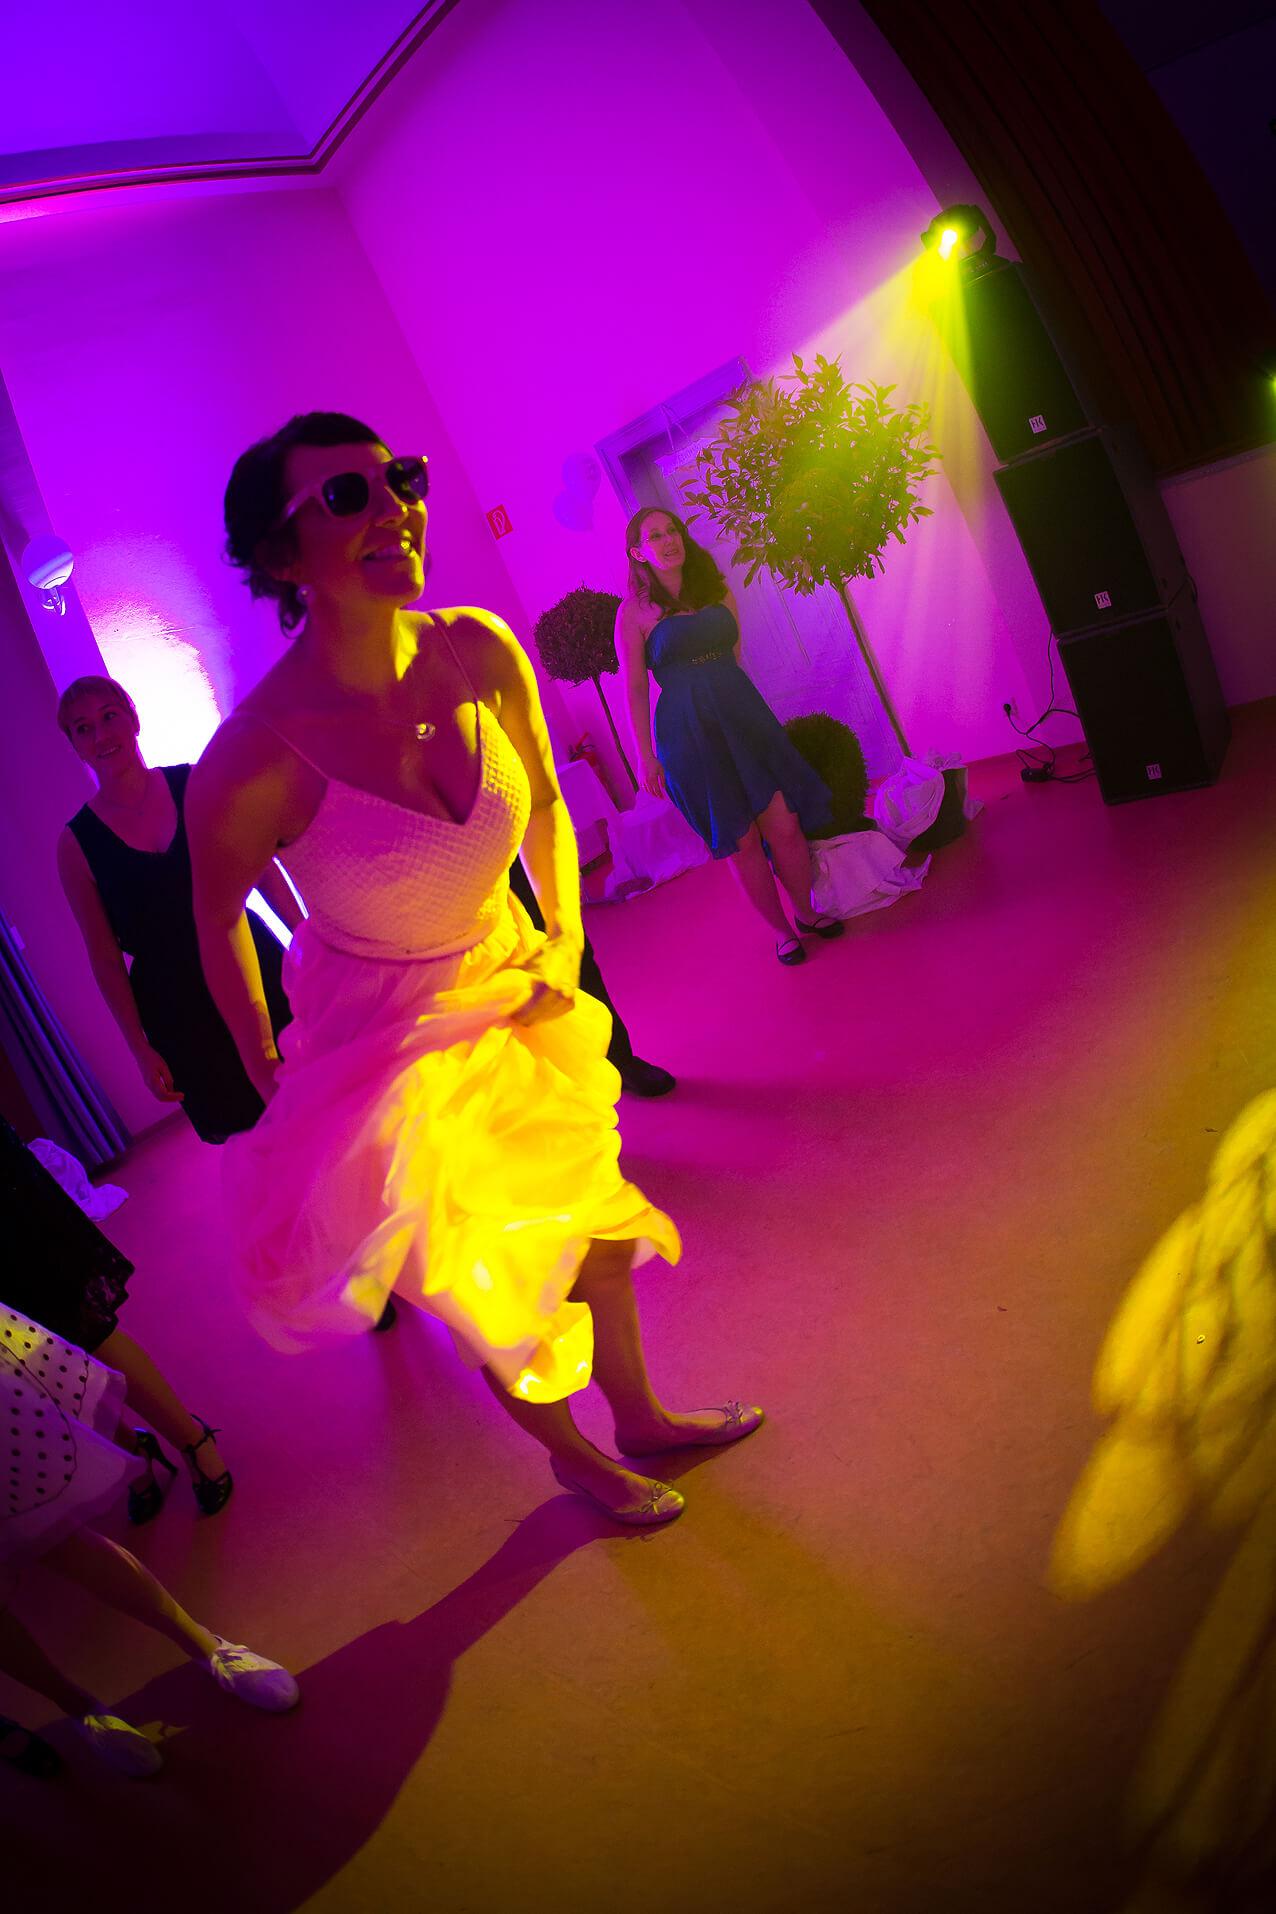 Tänzerin auf der Tanzfläche